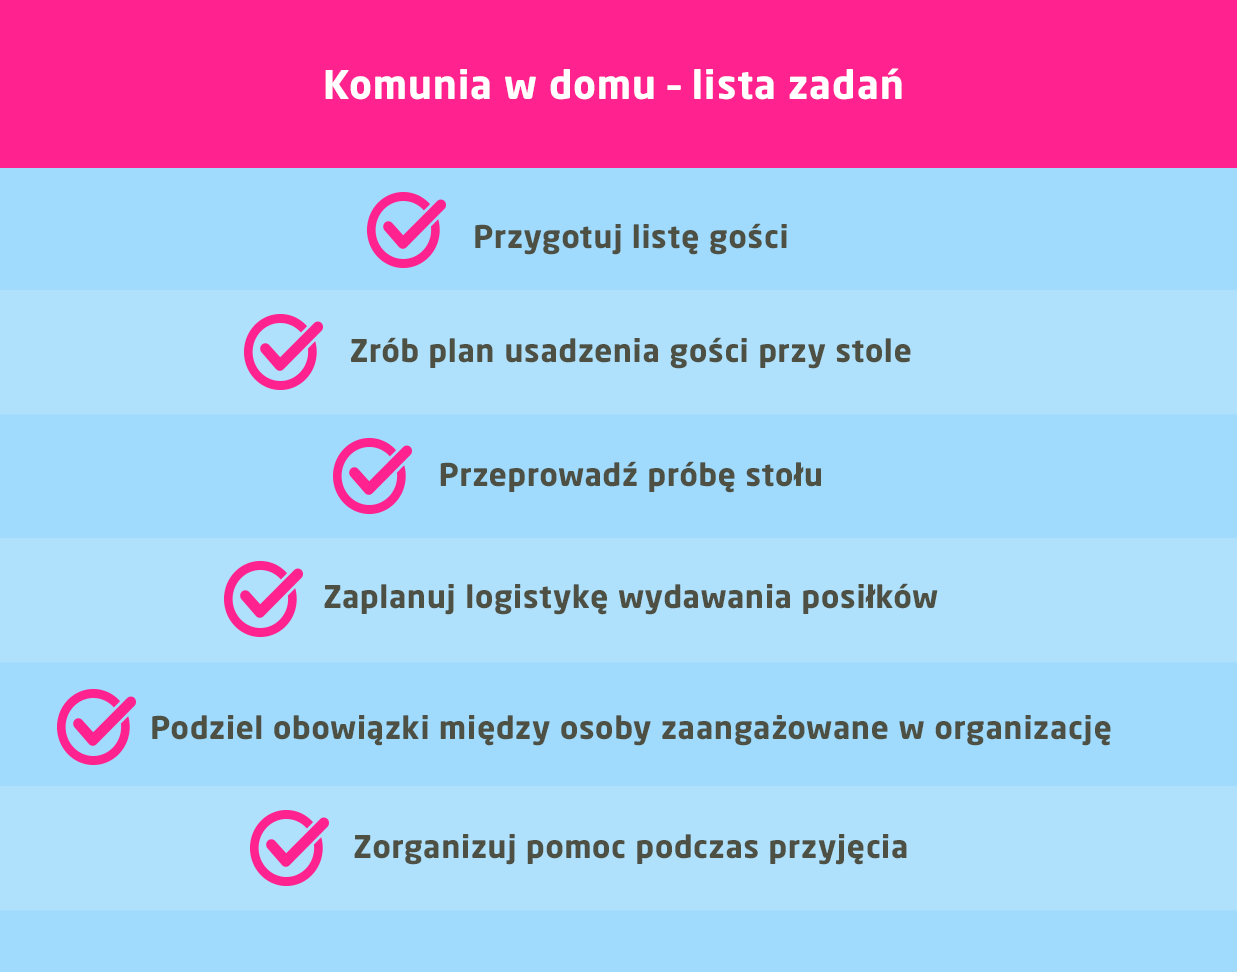 Komunia w domu - lista zadań